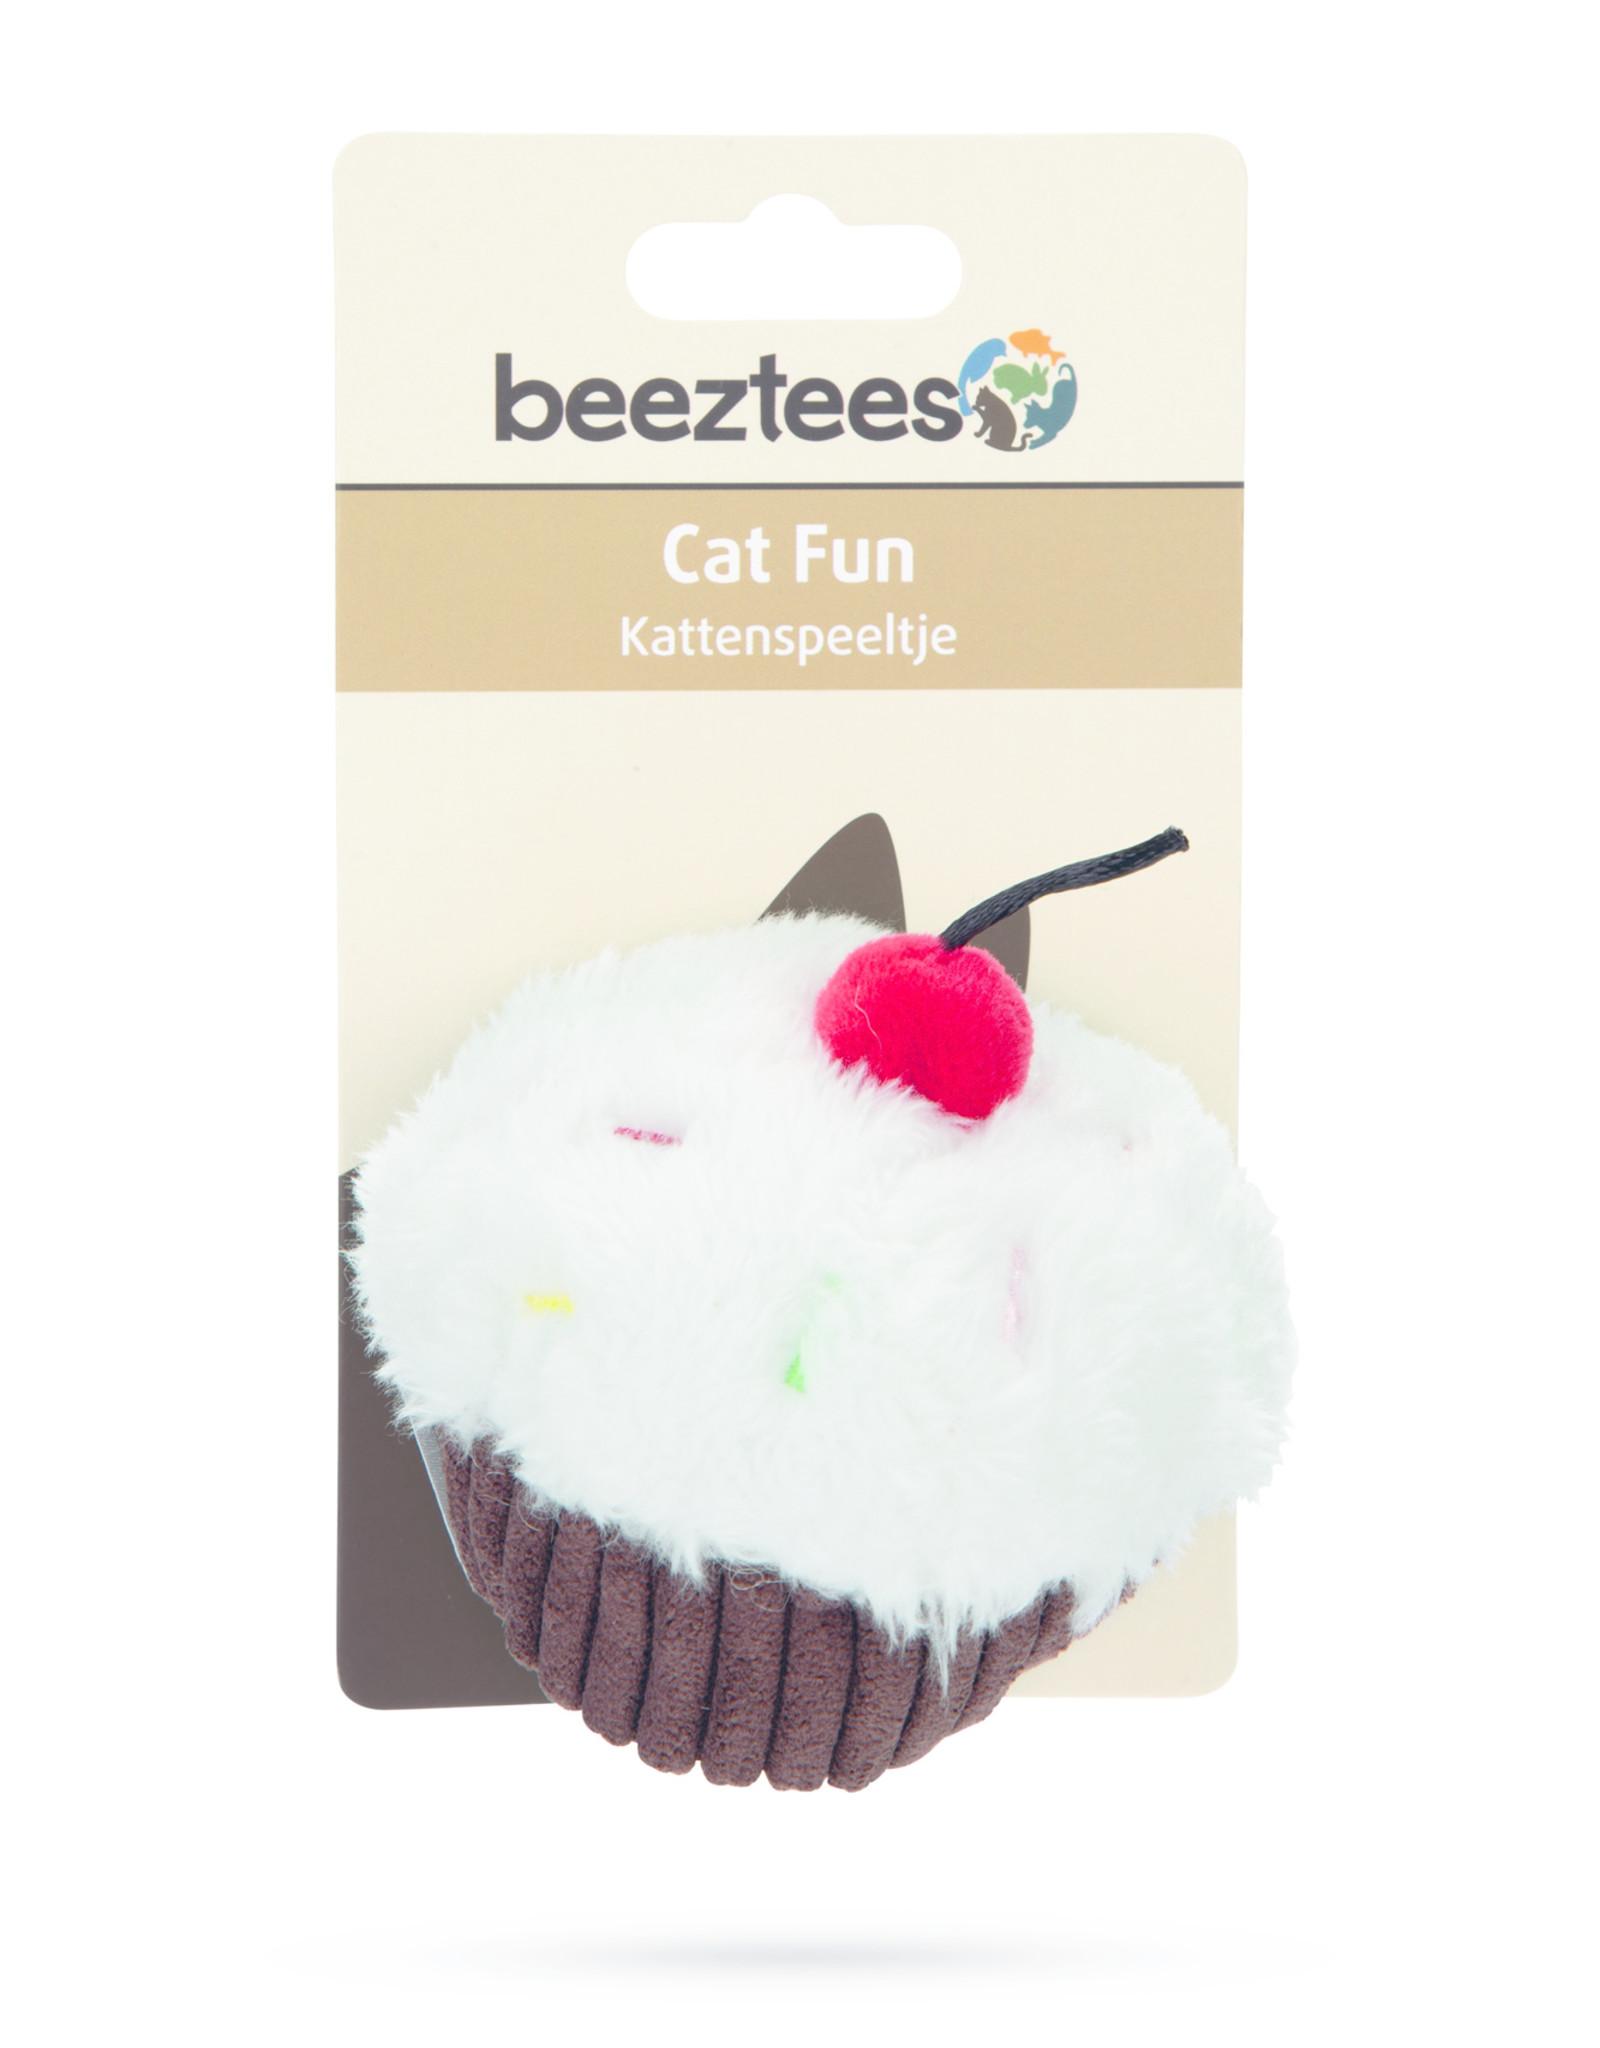 Beeztees Beeztees Kattenspeeltje Cupcake